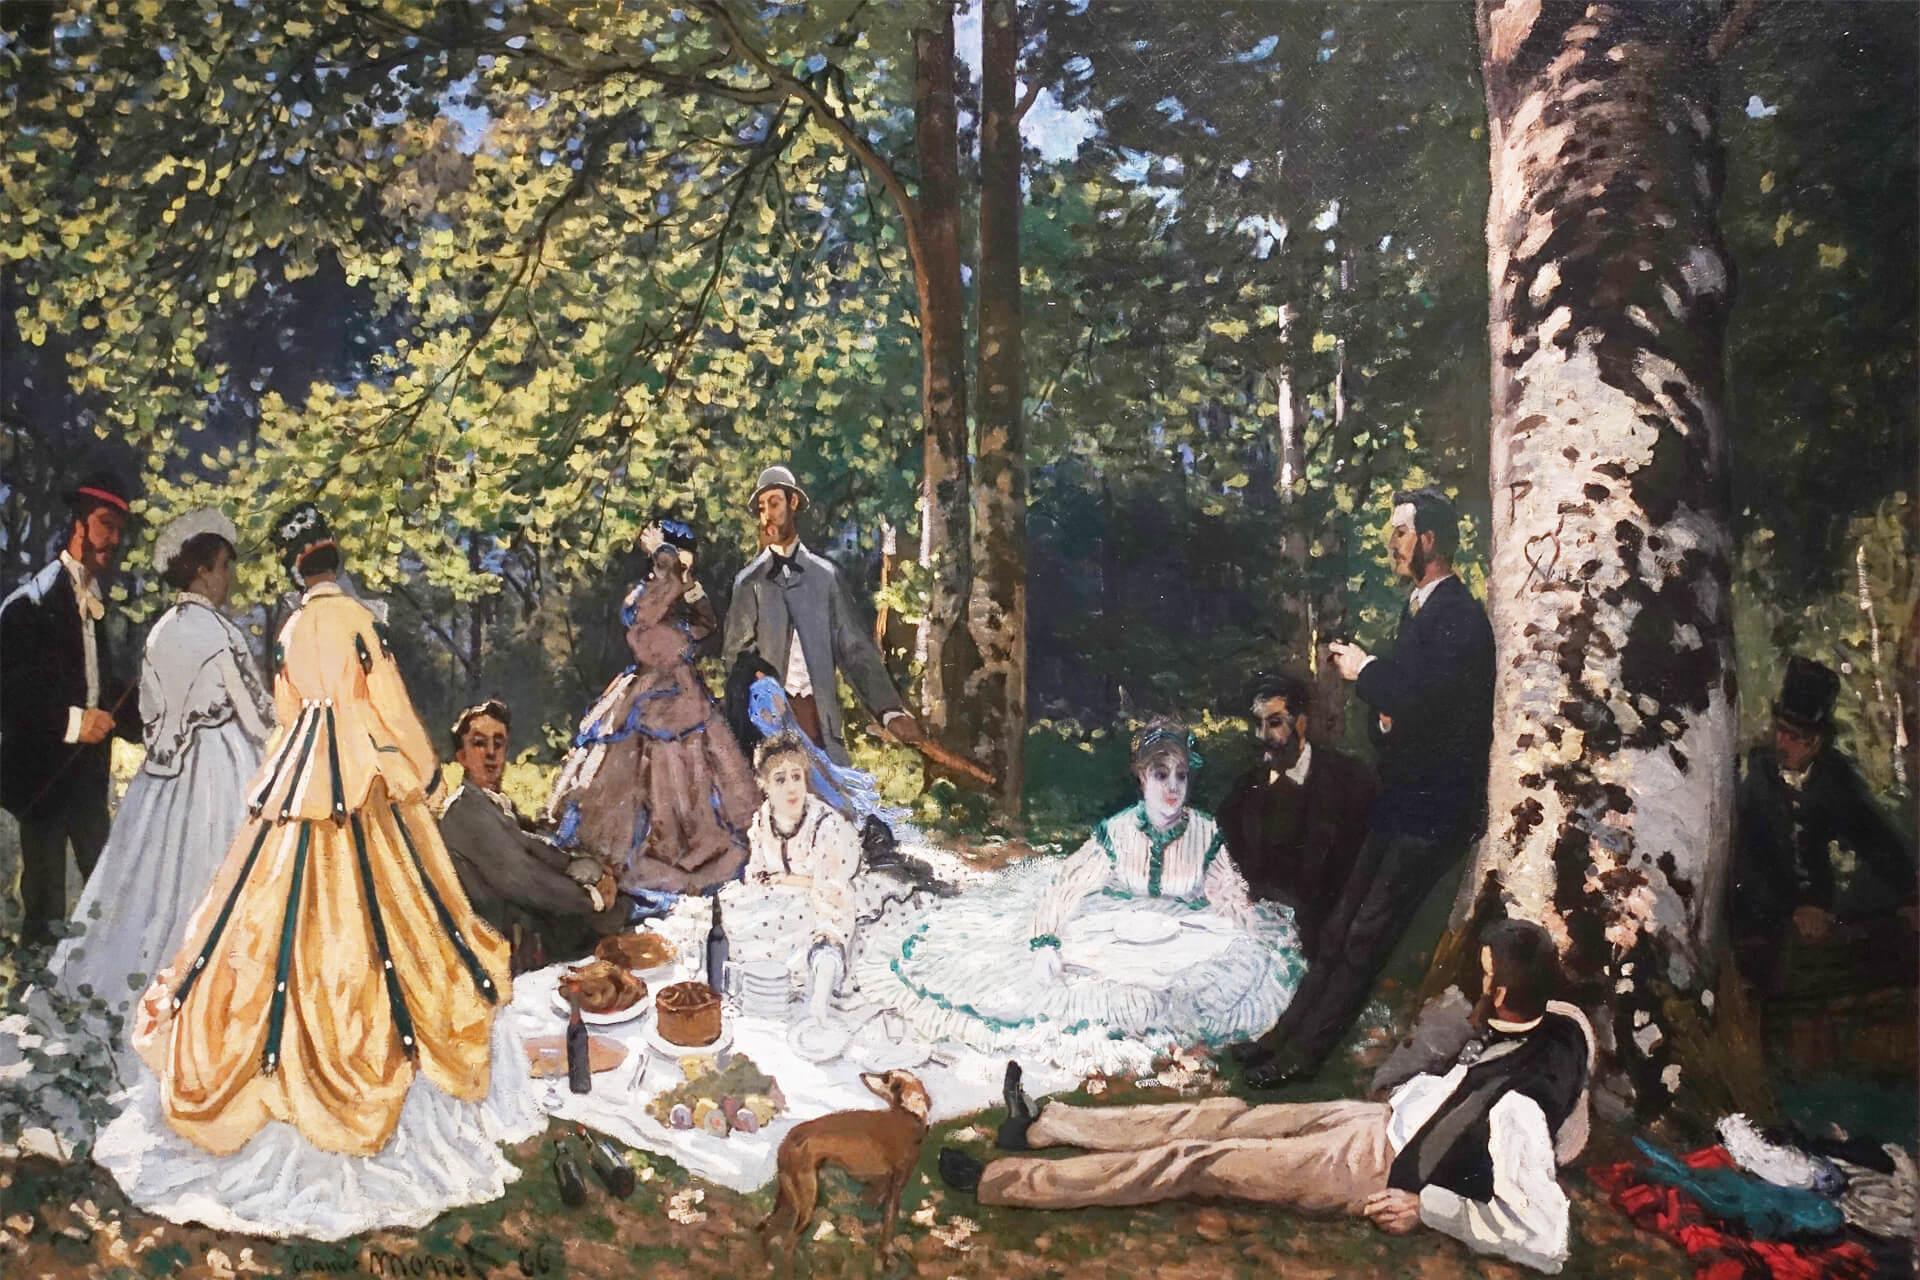 東京直擊:普希金博物館繪畫特展-法國風景畫的旅行